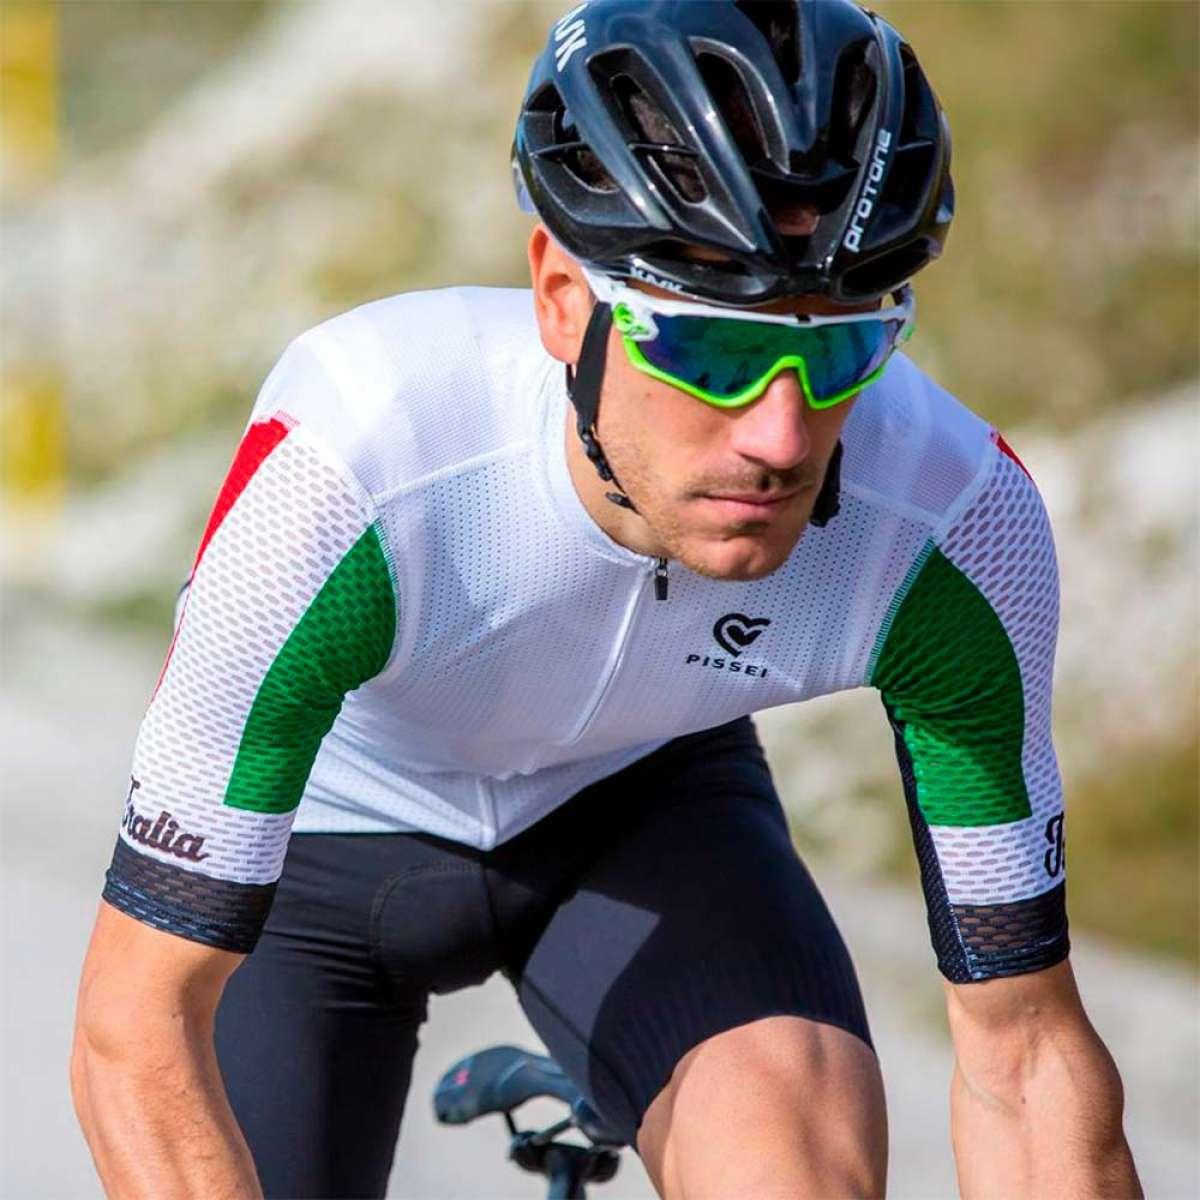 La ropa ciclista de la marca Pissei llega a España de la mano de Laatste Ronde